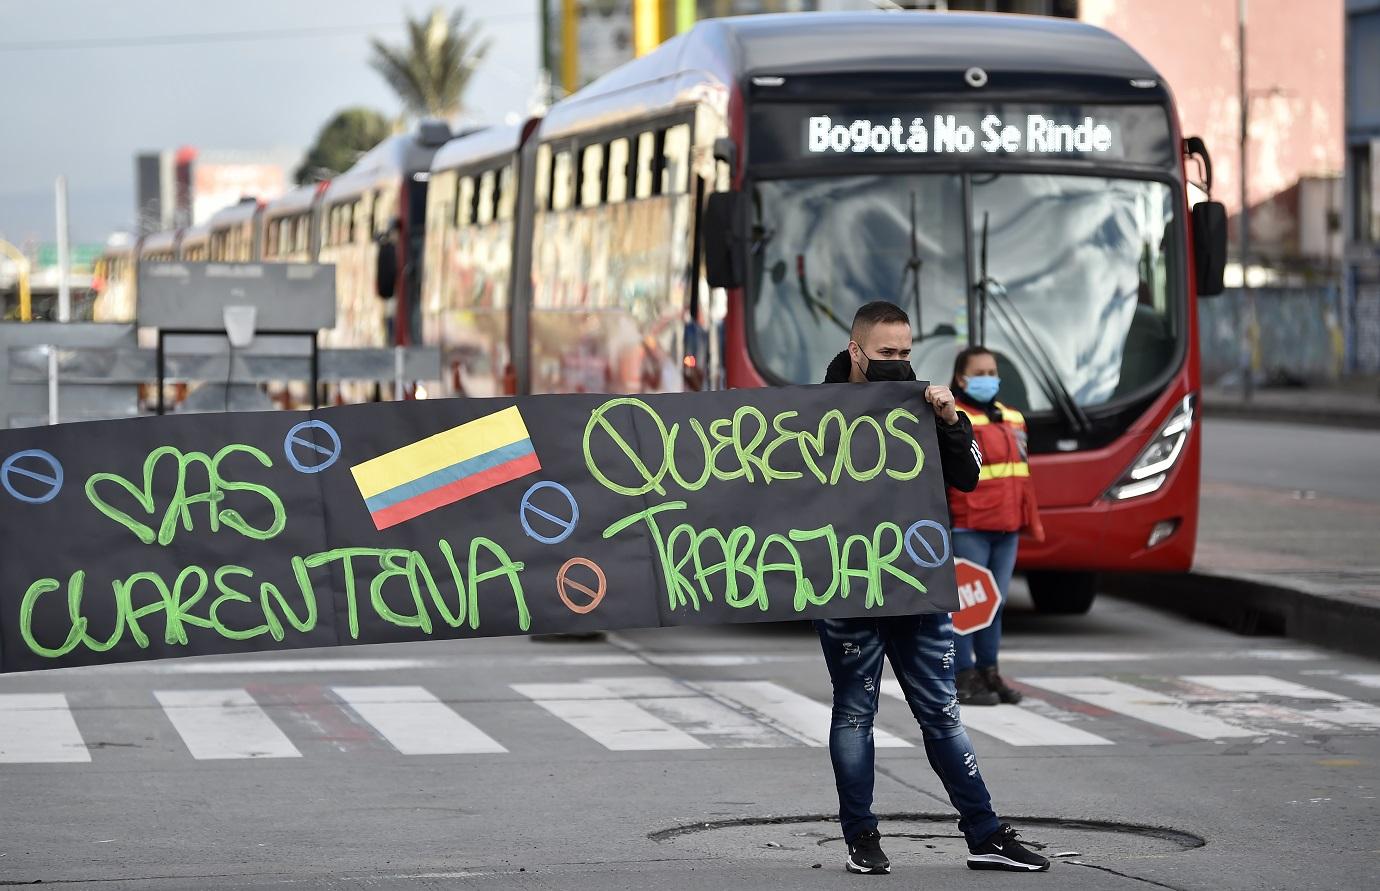 Por las protestas, las troncales de Transmilenio de la Avenida Caracas y la carrera Décima se vieron afectadas durante la mañana de este lunes. / AFP